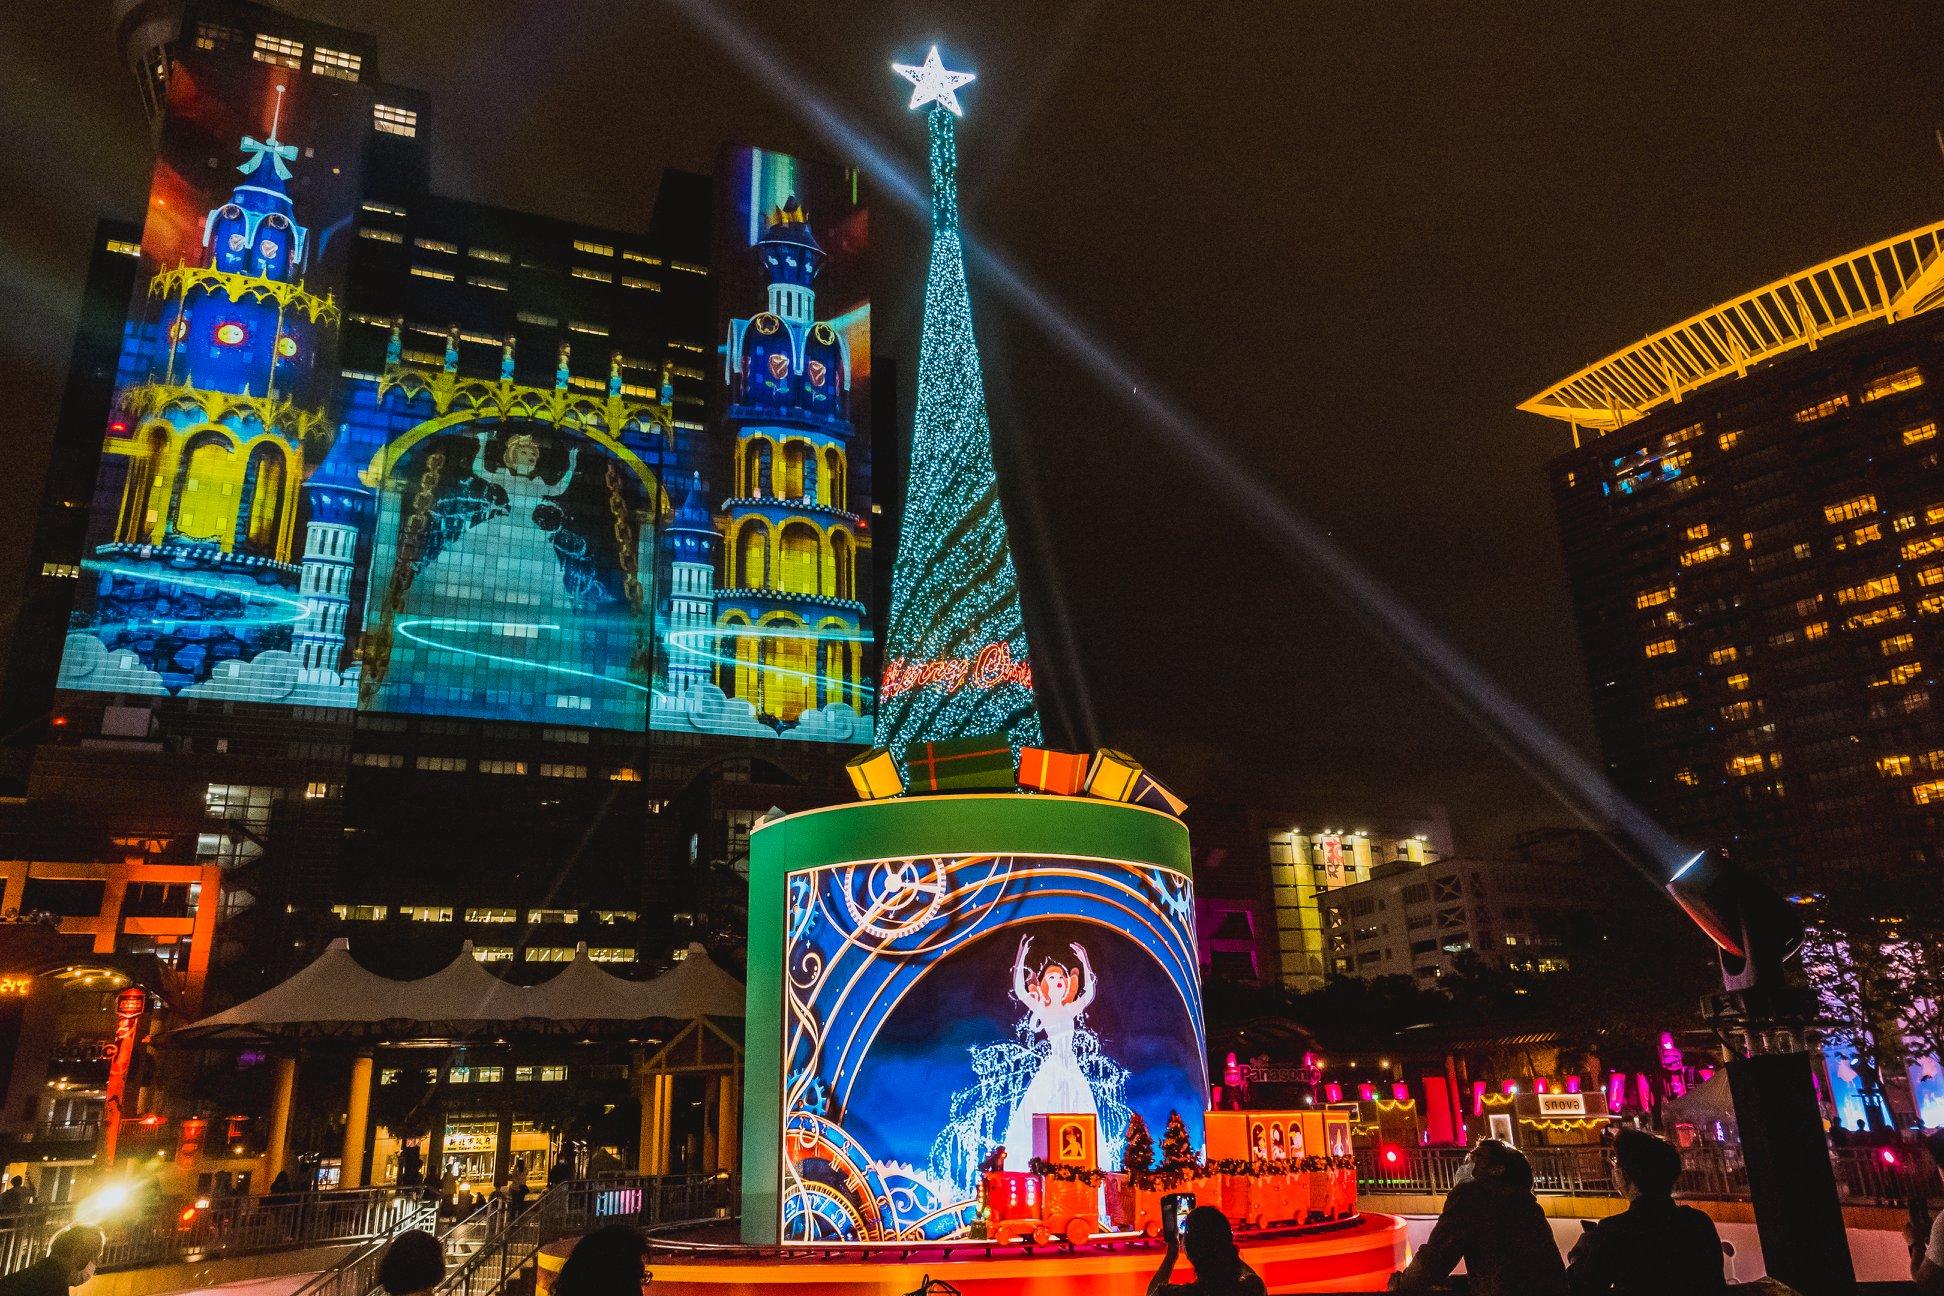 【2020新北歡樂耶誕城】迪士尼展區、時間、交通、演唱會、板橋車站住宿 - threeonelee.com